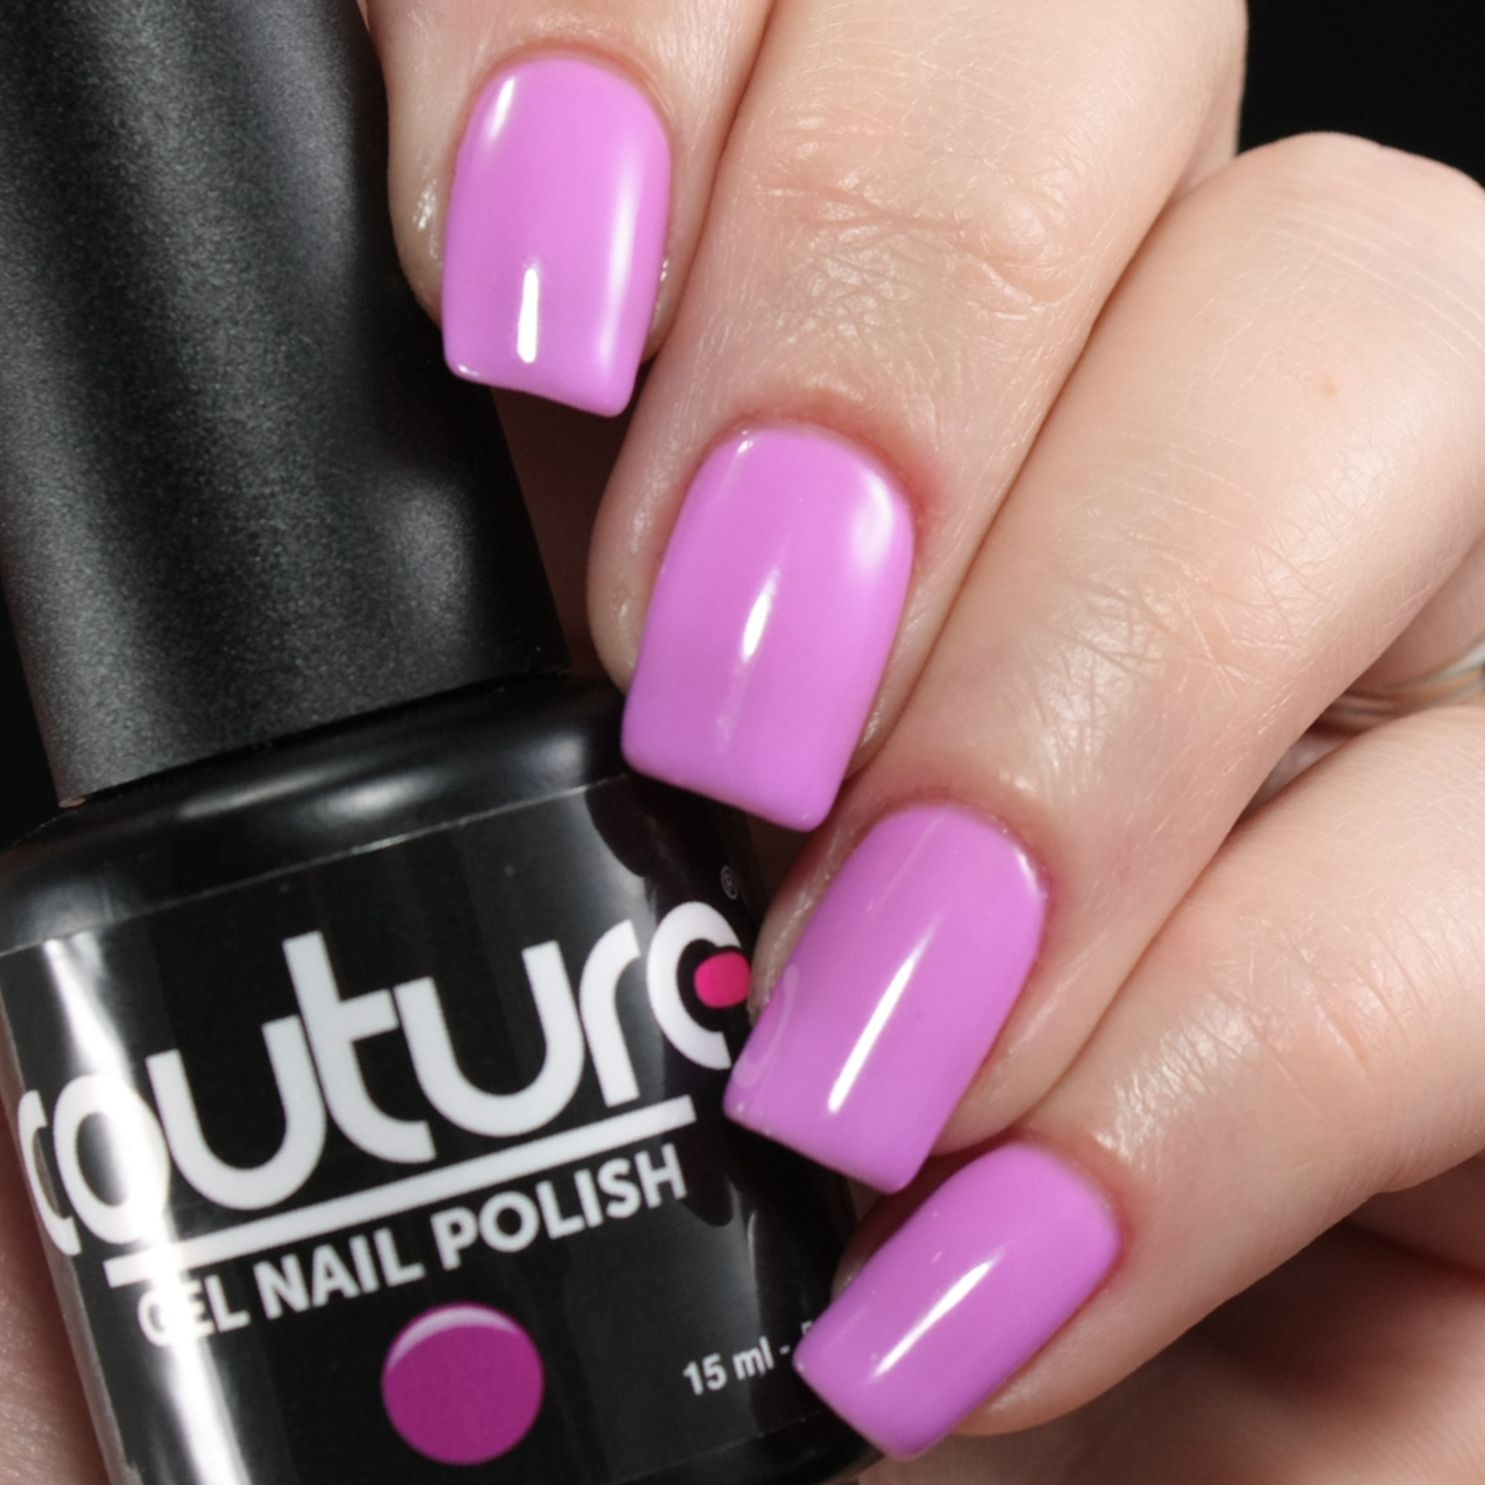 nails couture 2015 nail polish summer must have gel nail polish